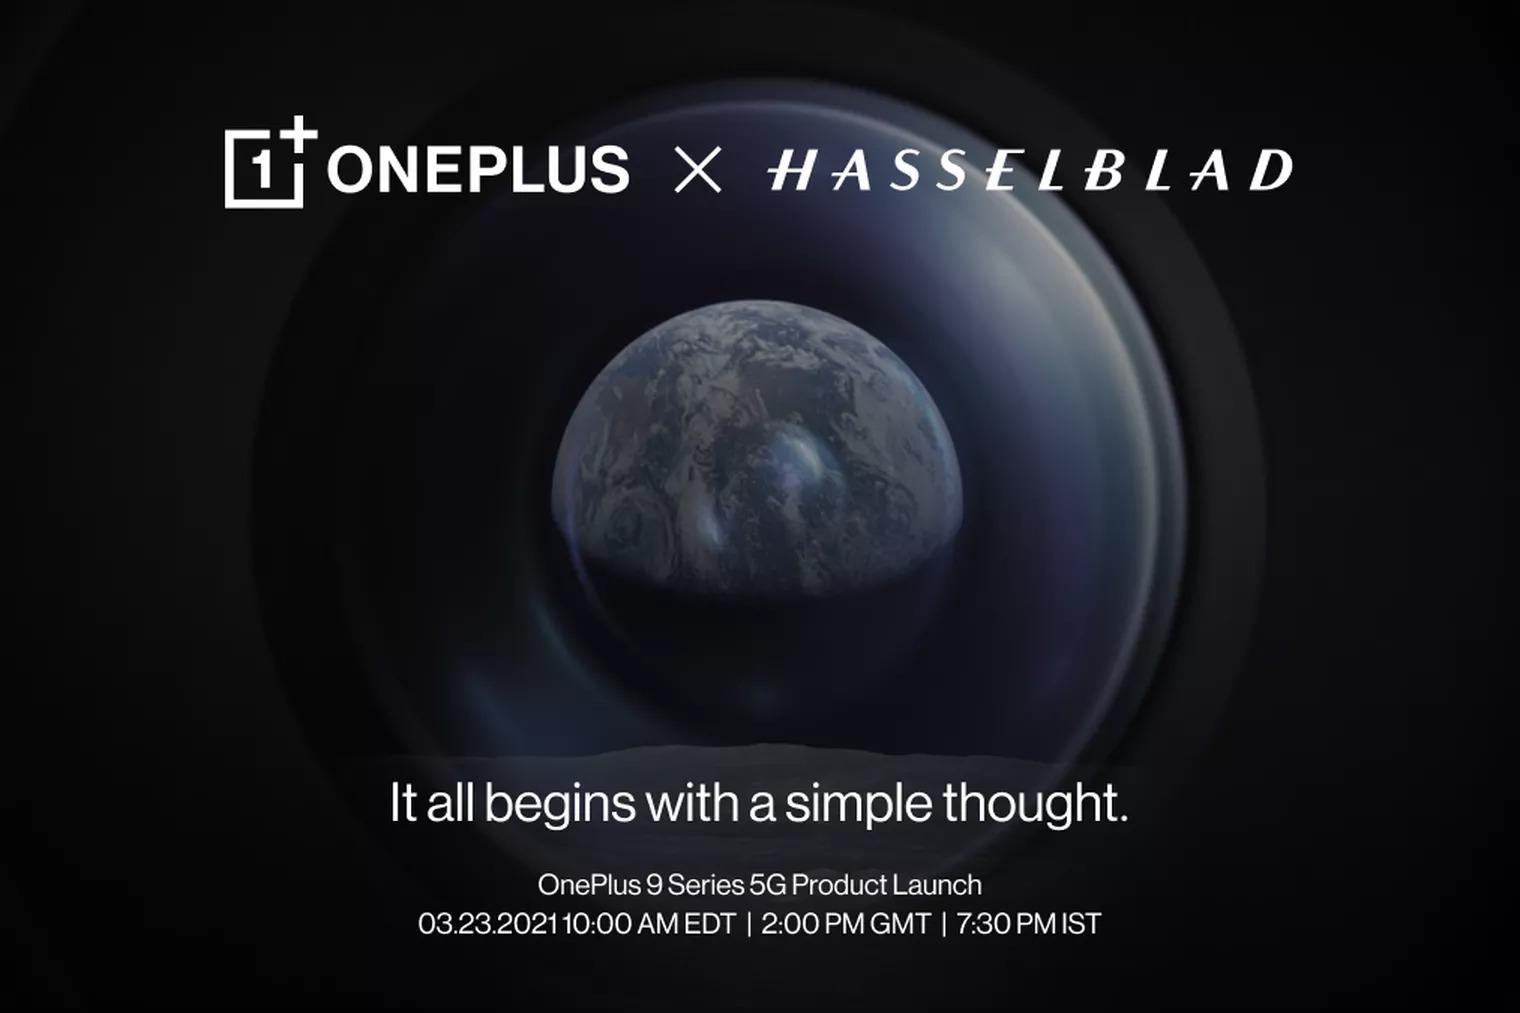 Smartphone đầu tiên có camera Hasselblad mới từ OnePlus, OnePlus 9, sẽ được ra mắt vào ngày 23/03